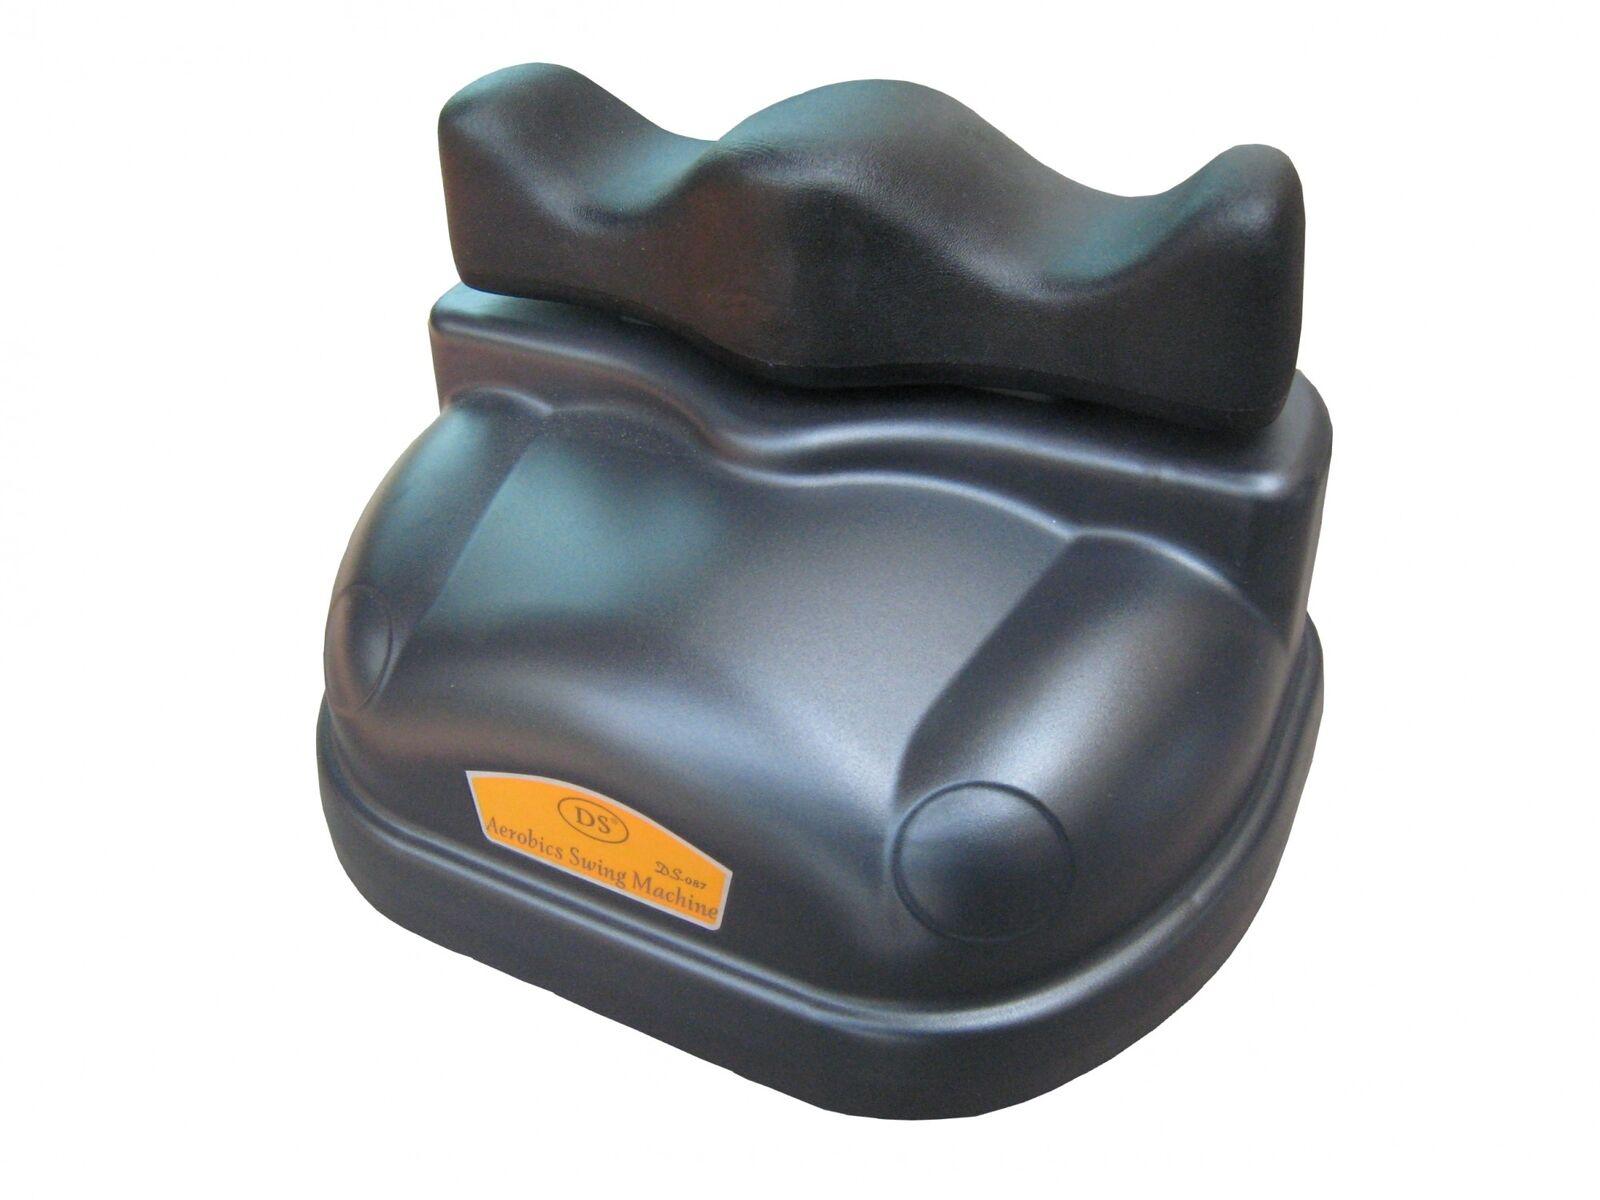 Máquina de la JI DS 087 Swing Ejercitador MULTISPEED, incl. Twister